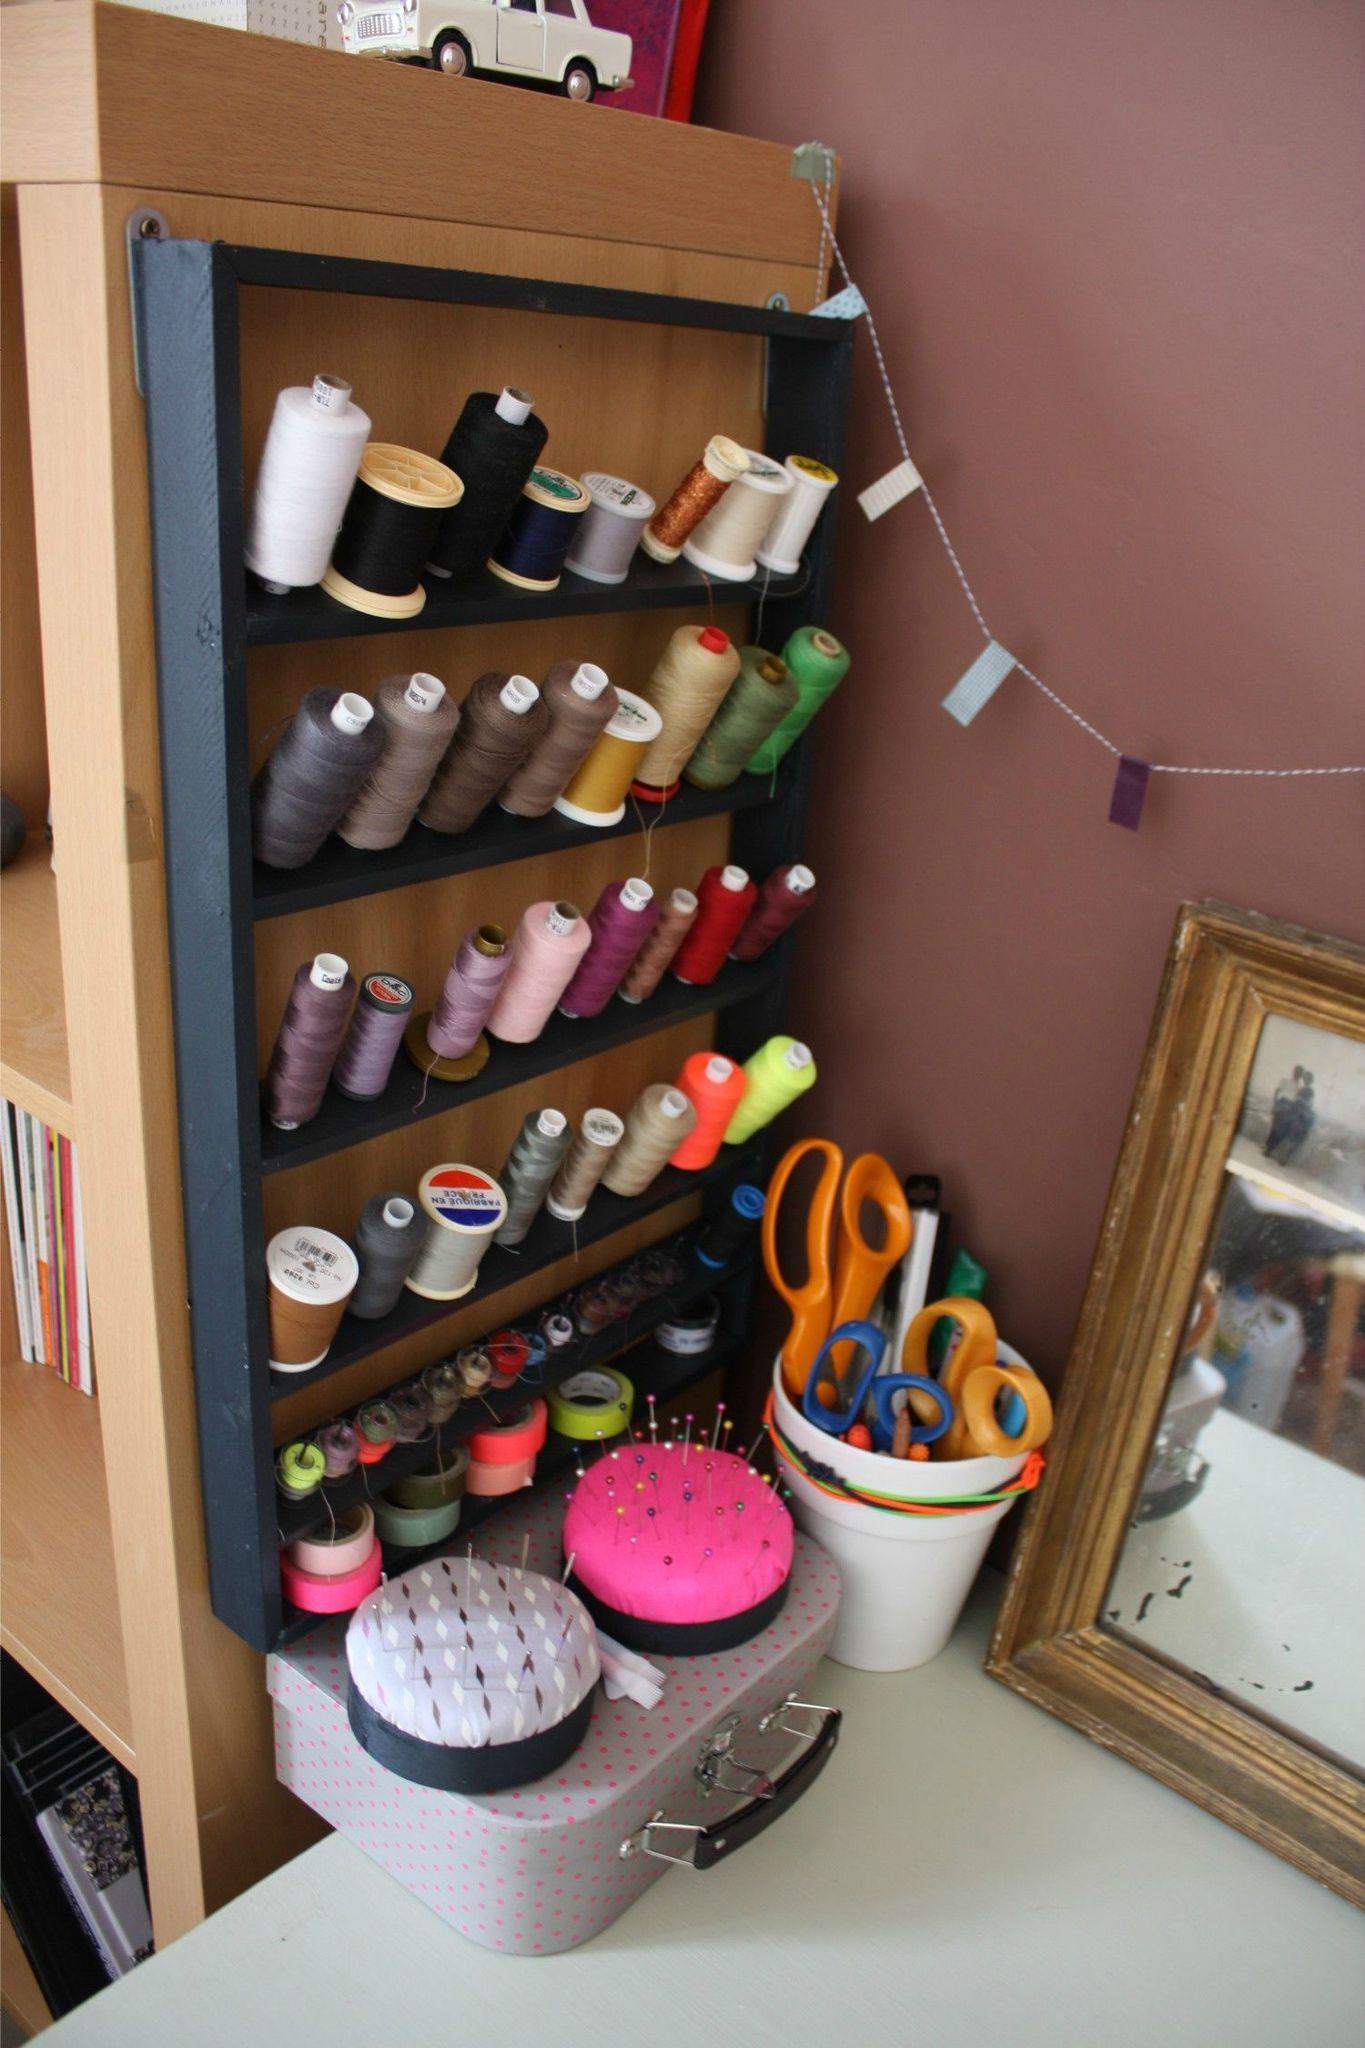 Range bobines de fils canettes et aiguilles couture rangement atelier rangement couture et - Maison couture et fils ...